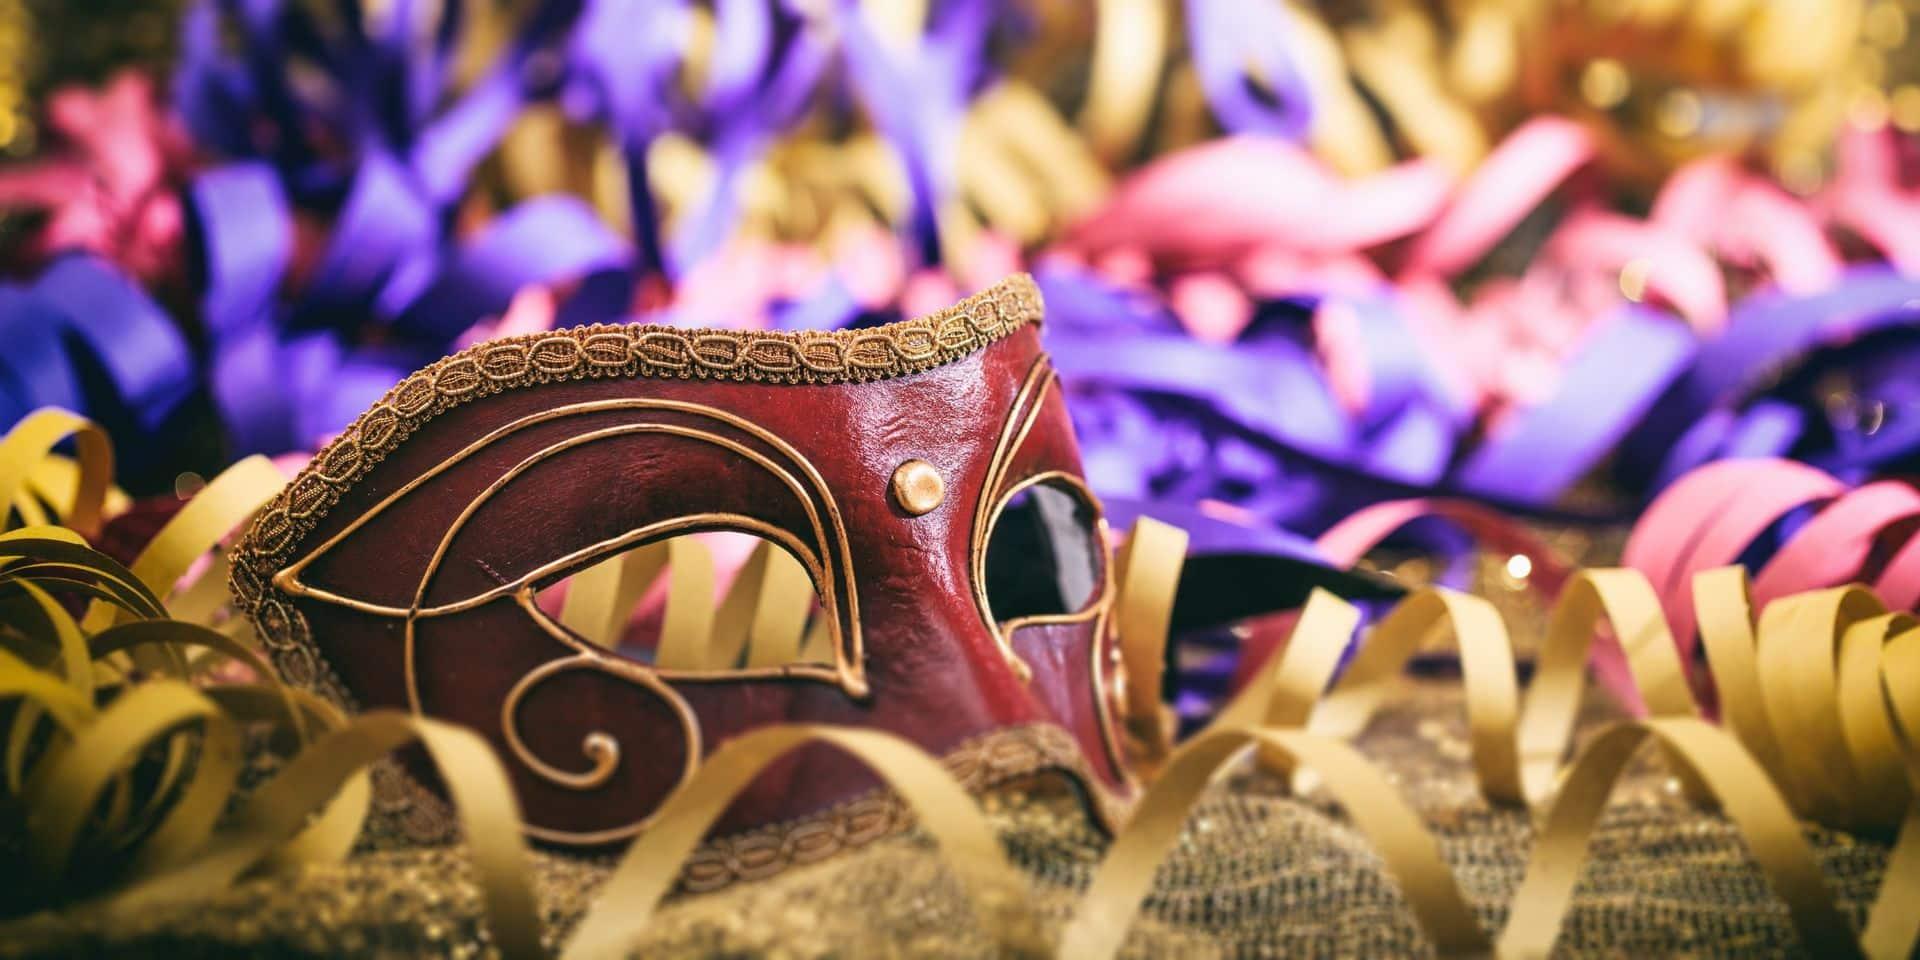 Carnaval: Alost organise dans un lieu tenu secret la mise à feu de l'effigie carnavalesque